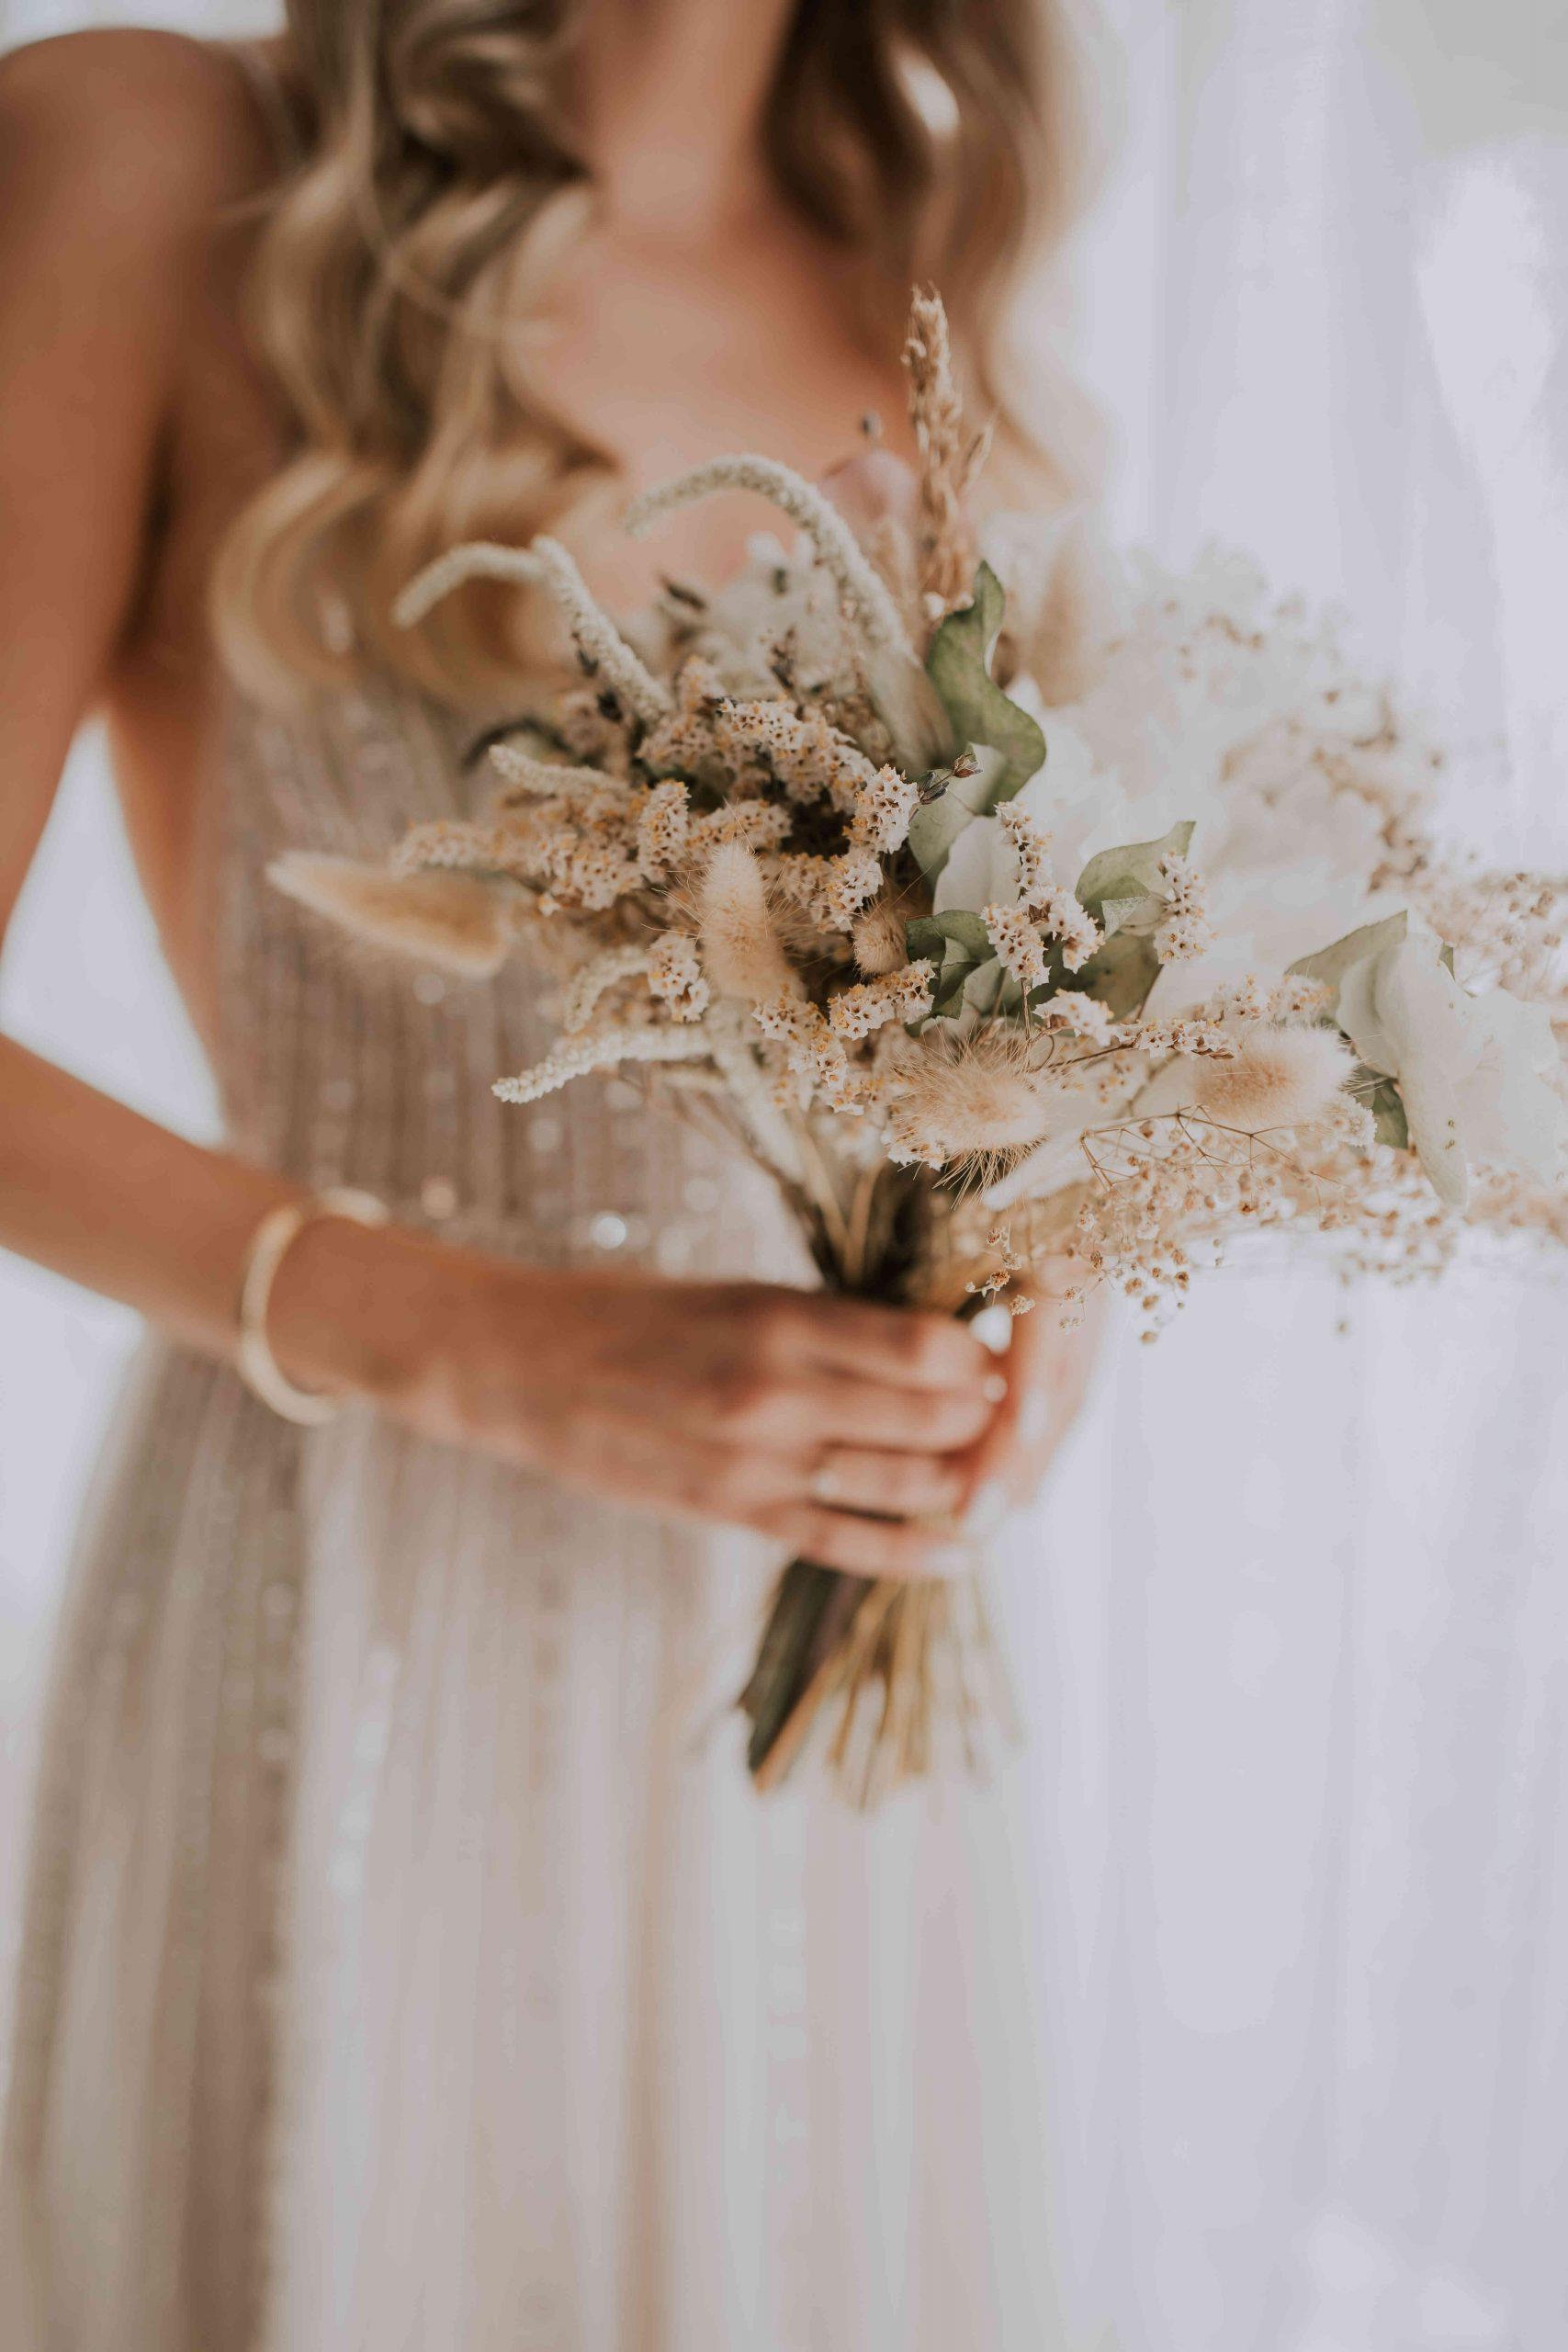 צילומים בלוקיישן חלומי וחופה מול הבריכה: החתונה של רינת ואיתמר